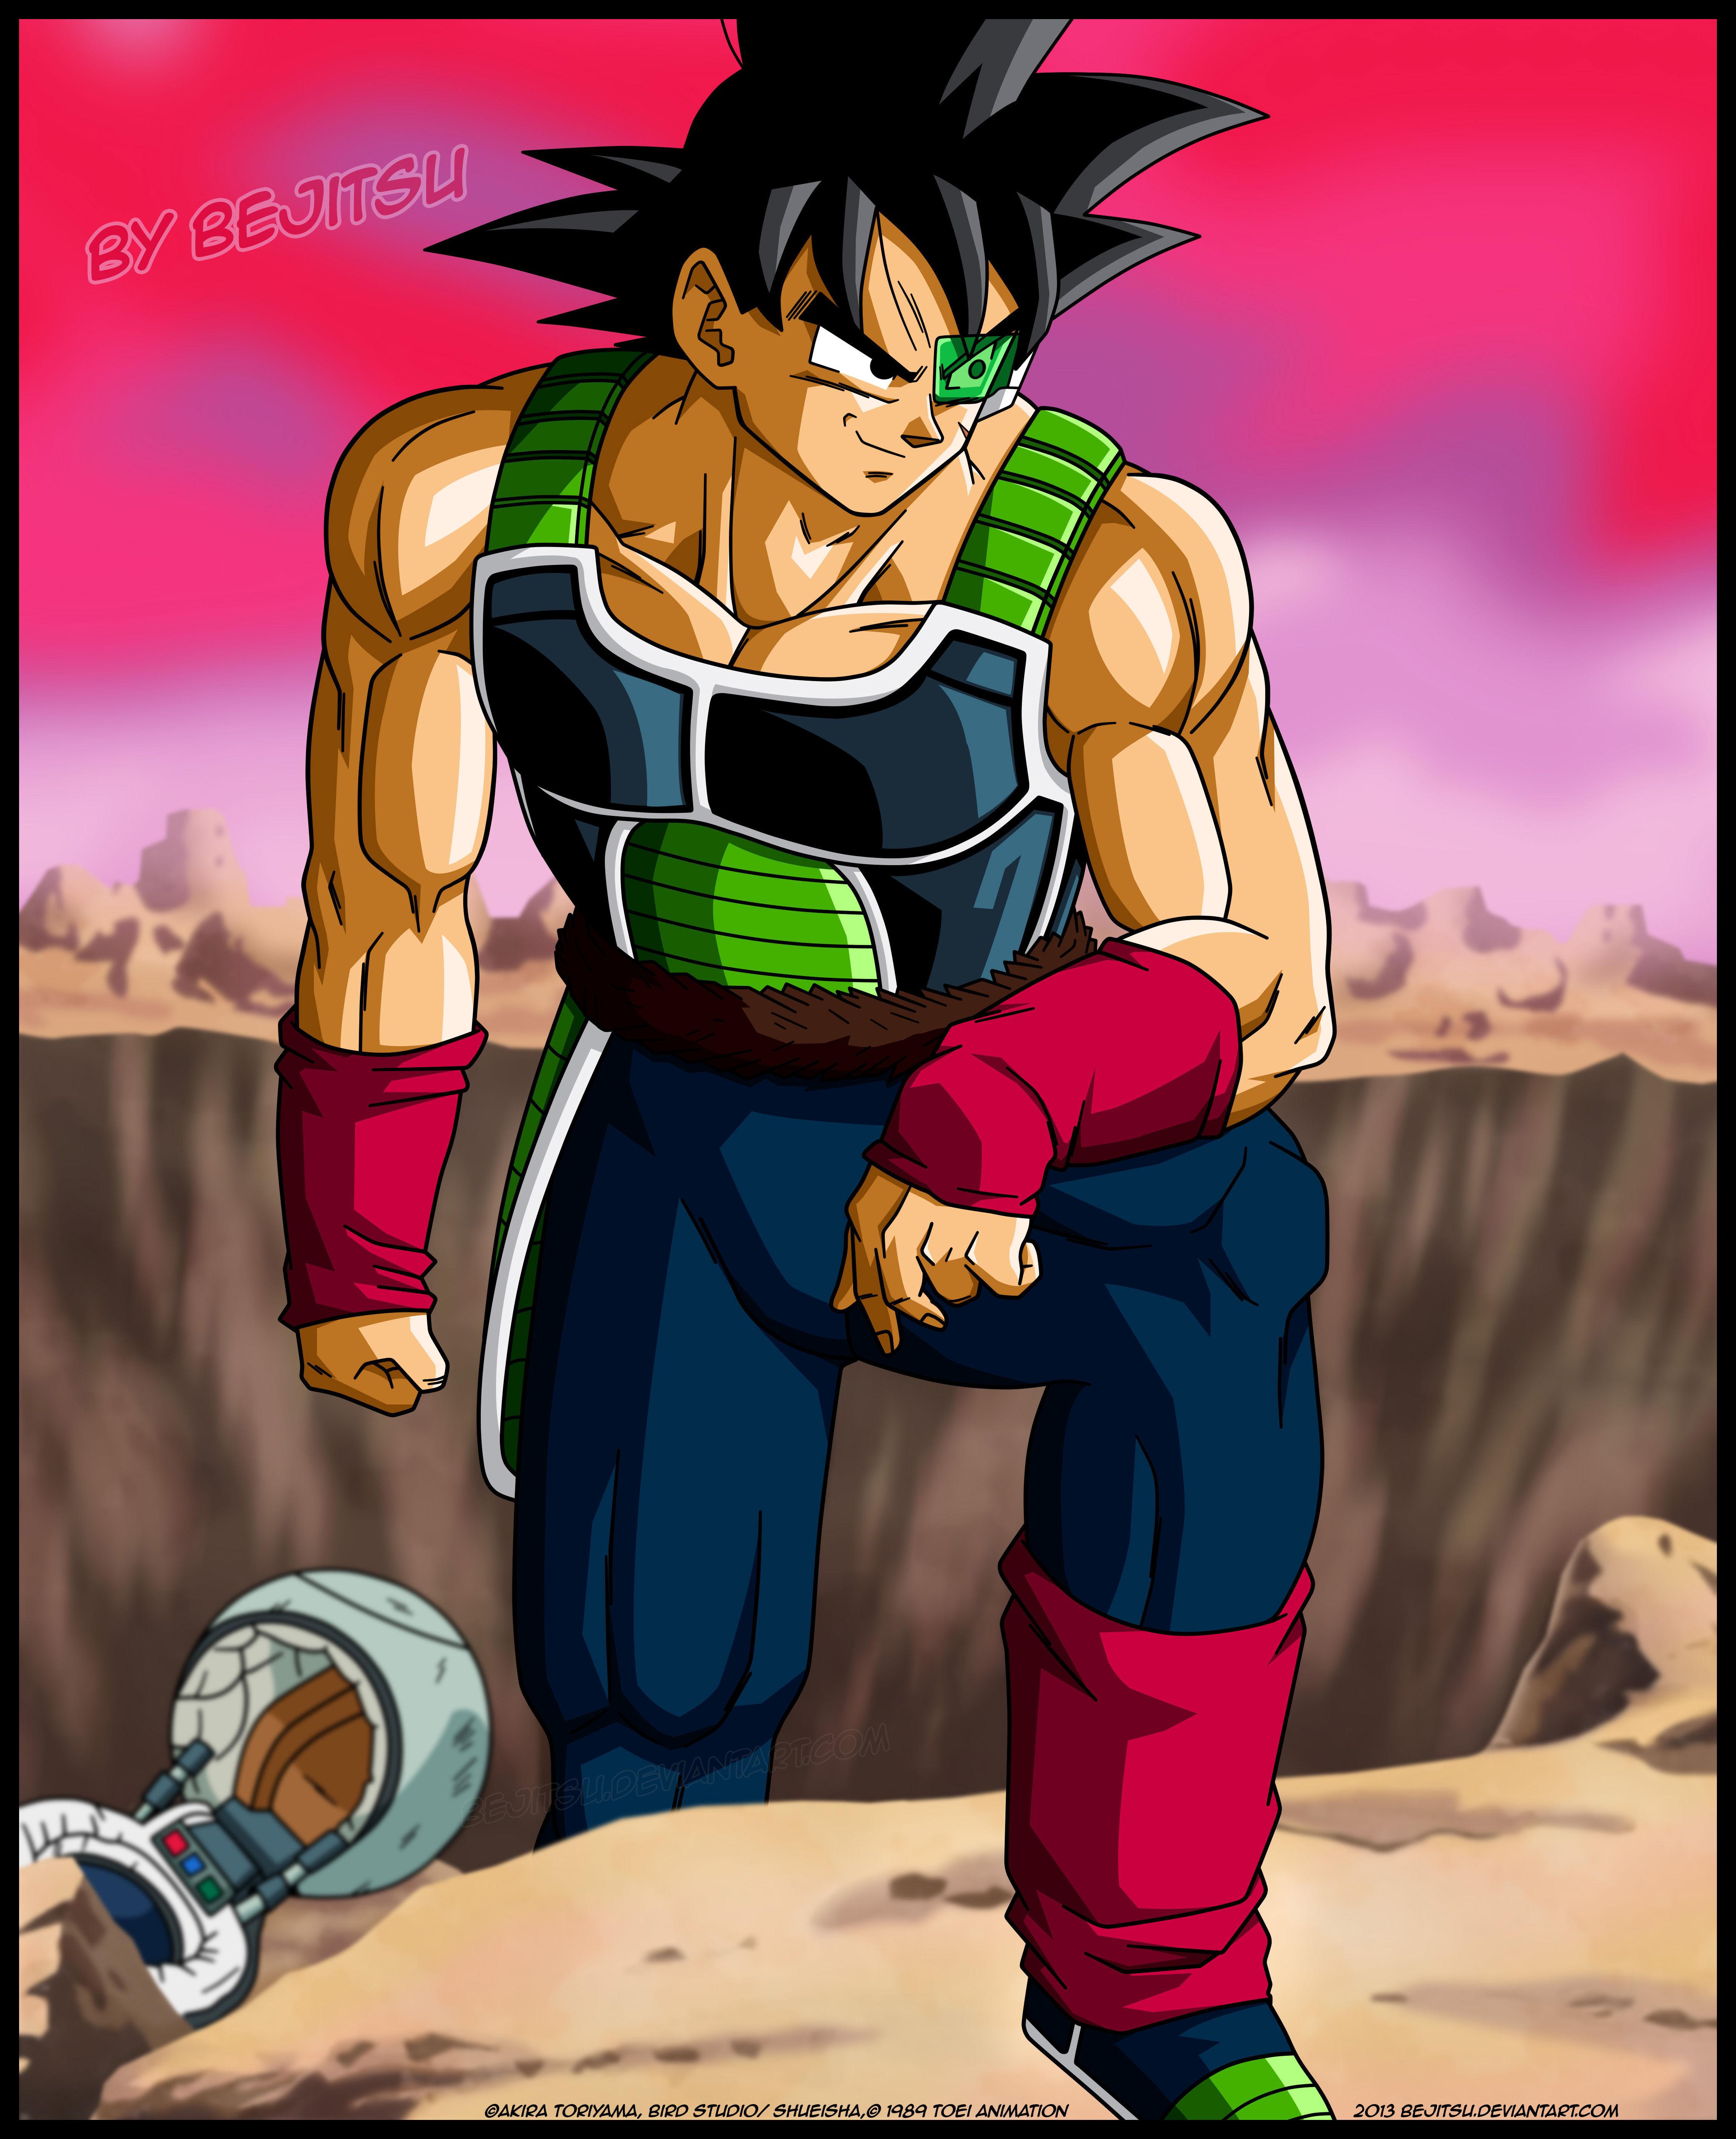 La primera es fácil. ¿Cómo se llama el padre de Goku?